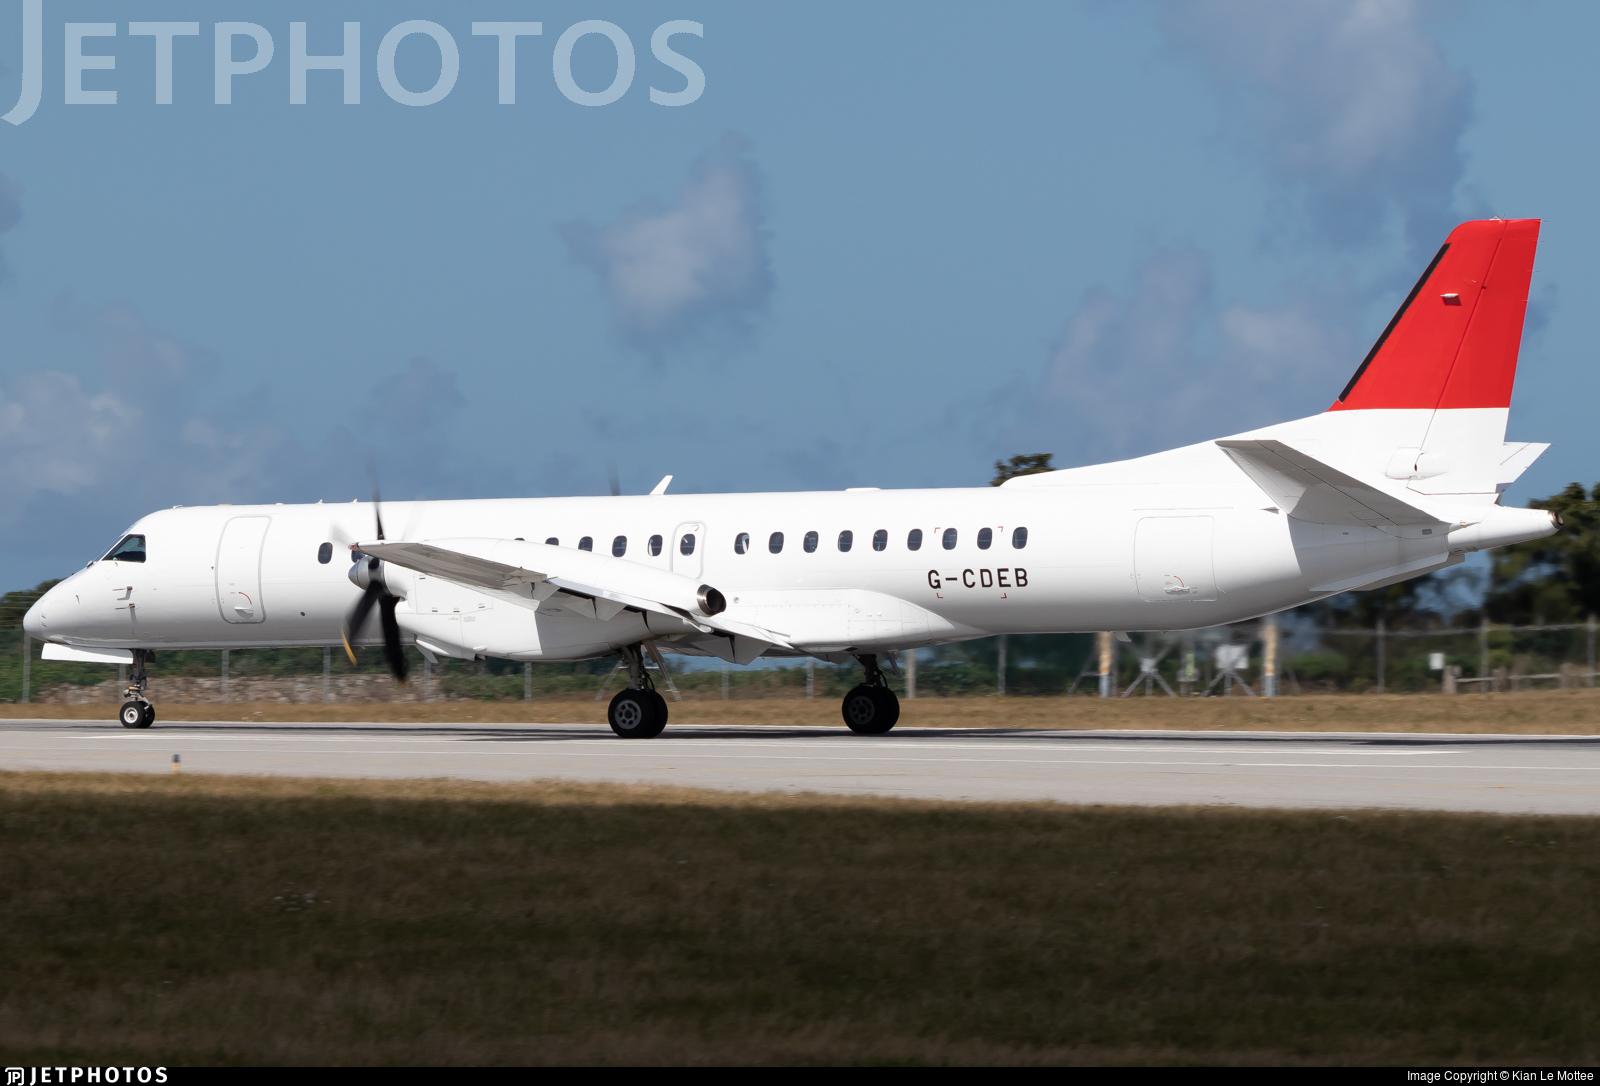 G-CDEB - Saab 2000 - Eastern Airways